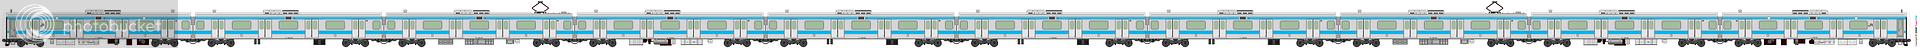 鐵路列車 1962